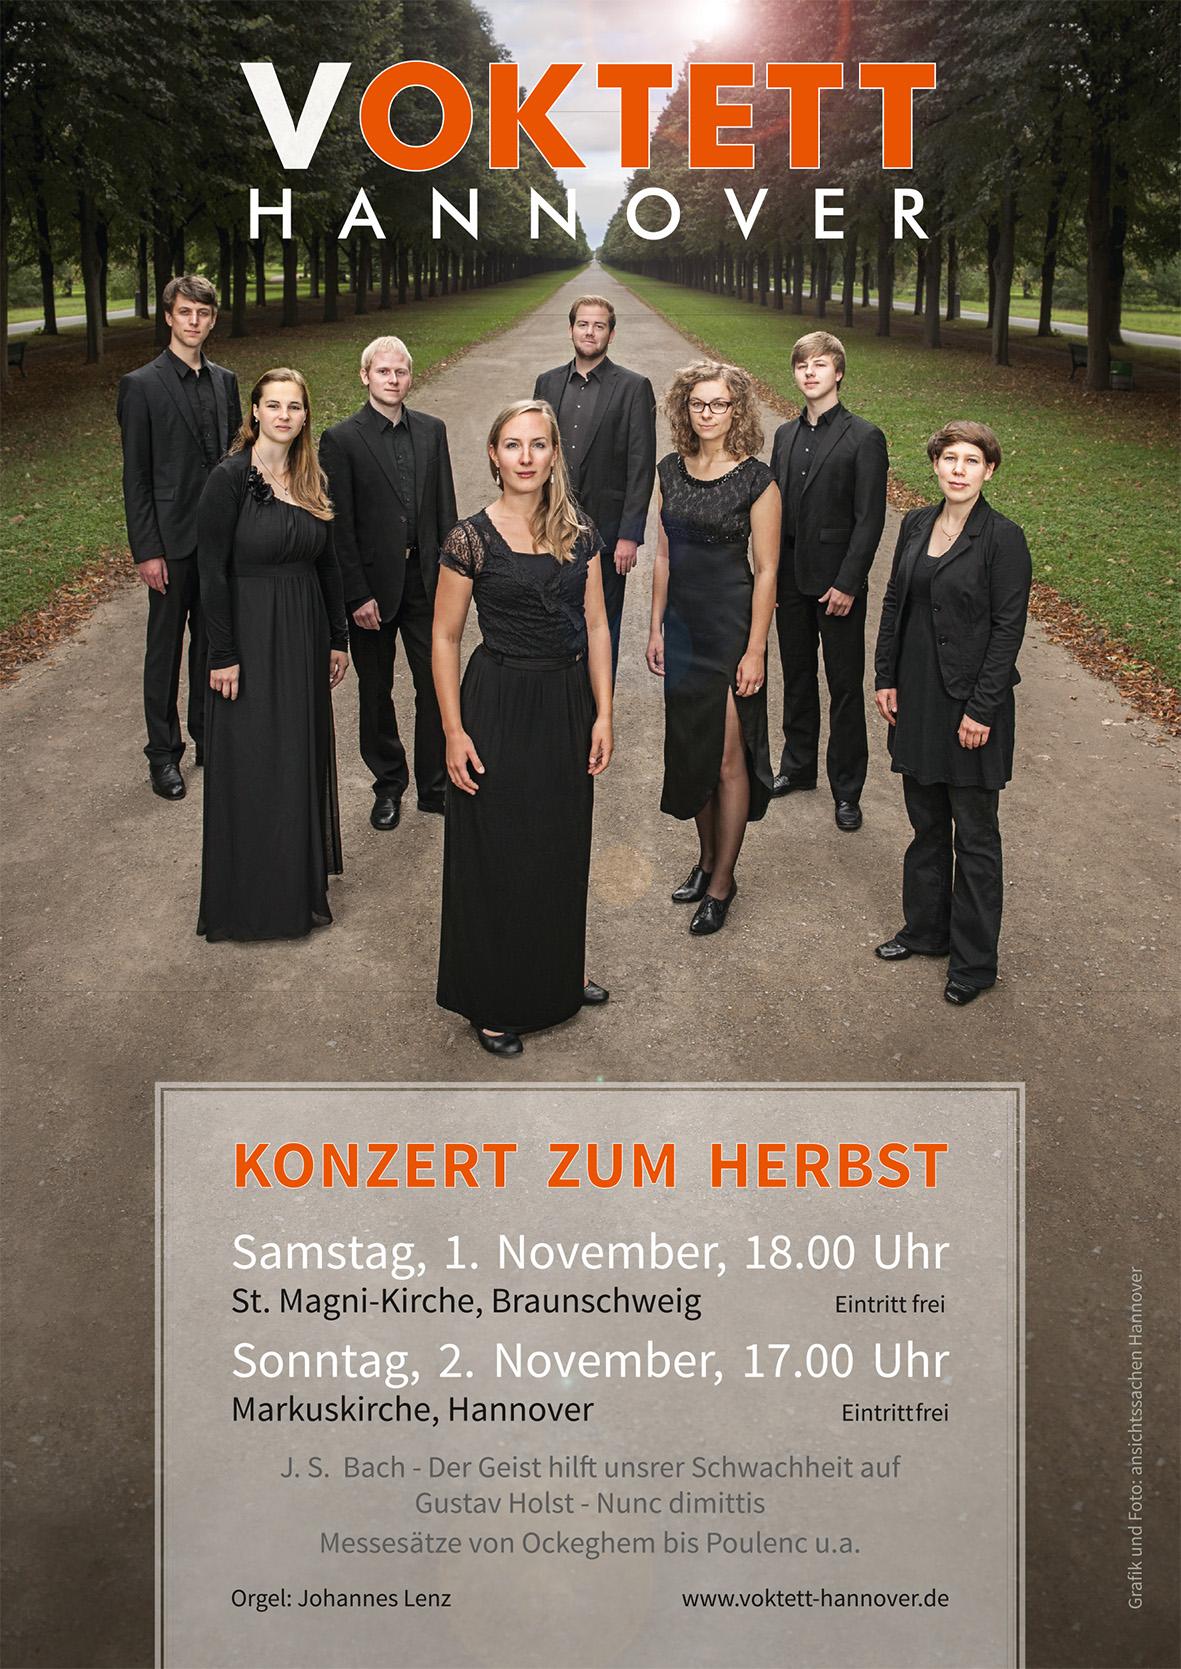 Konzert zum Herbst 2014.indd